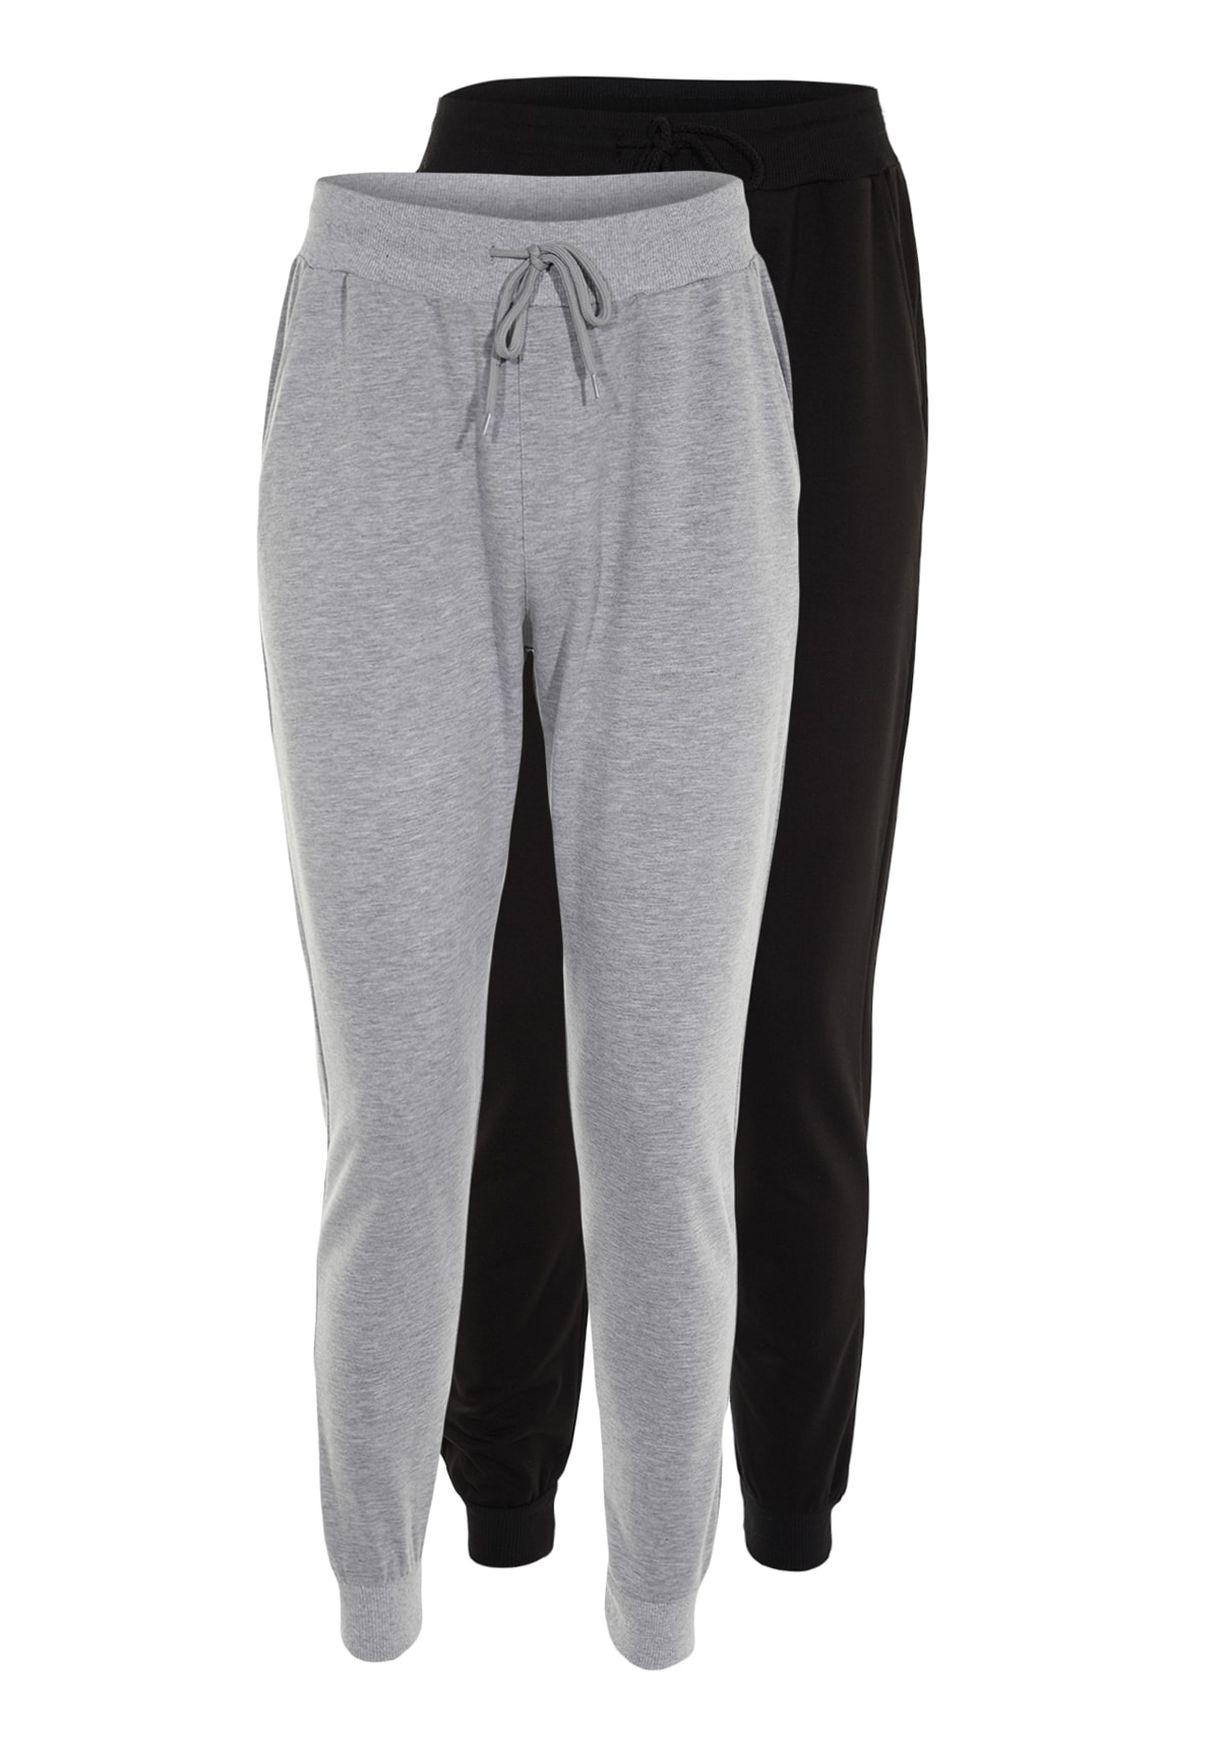 2 Pack Cuffed Sweatpants